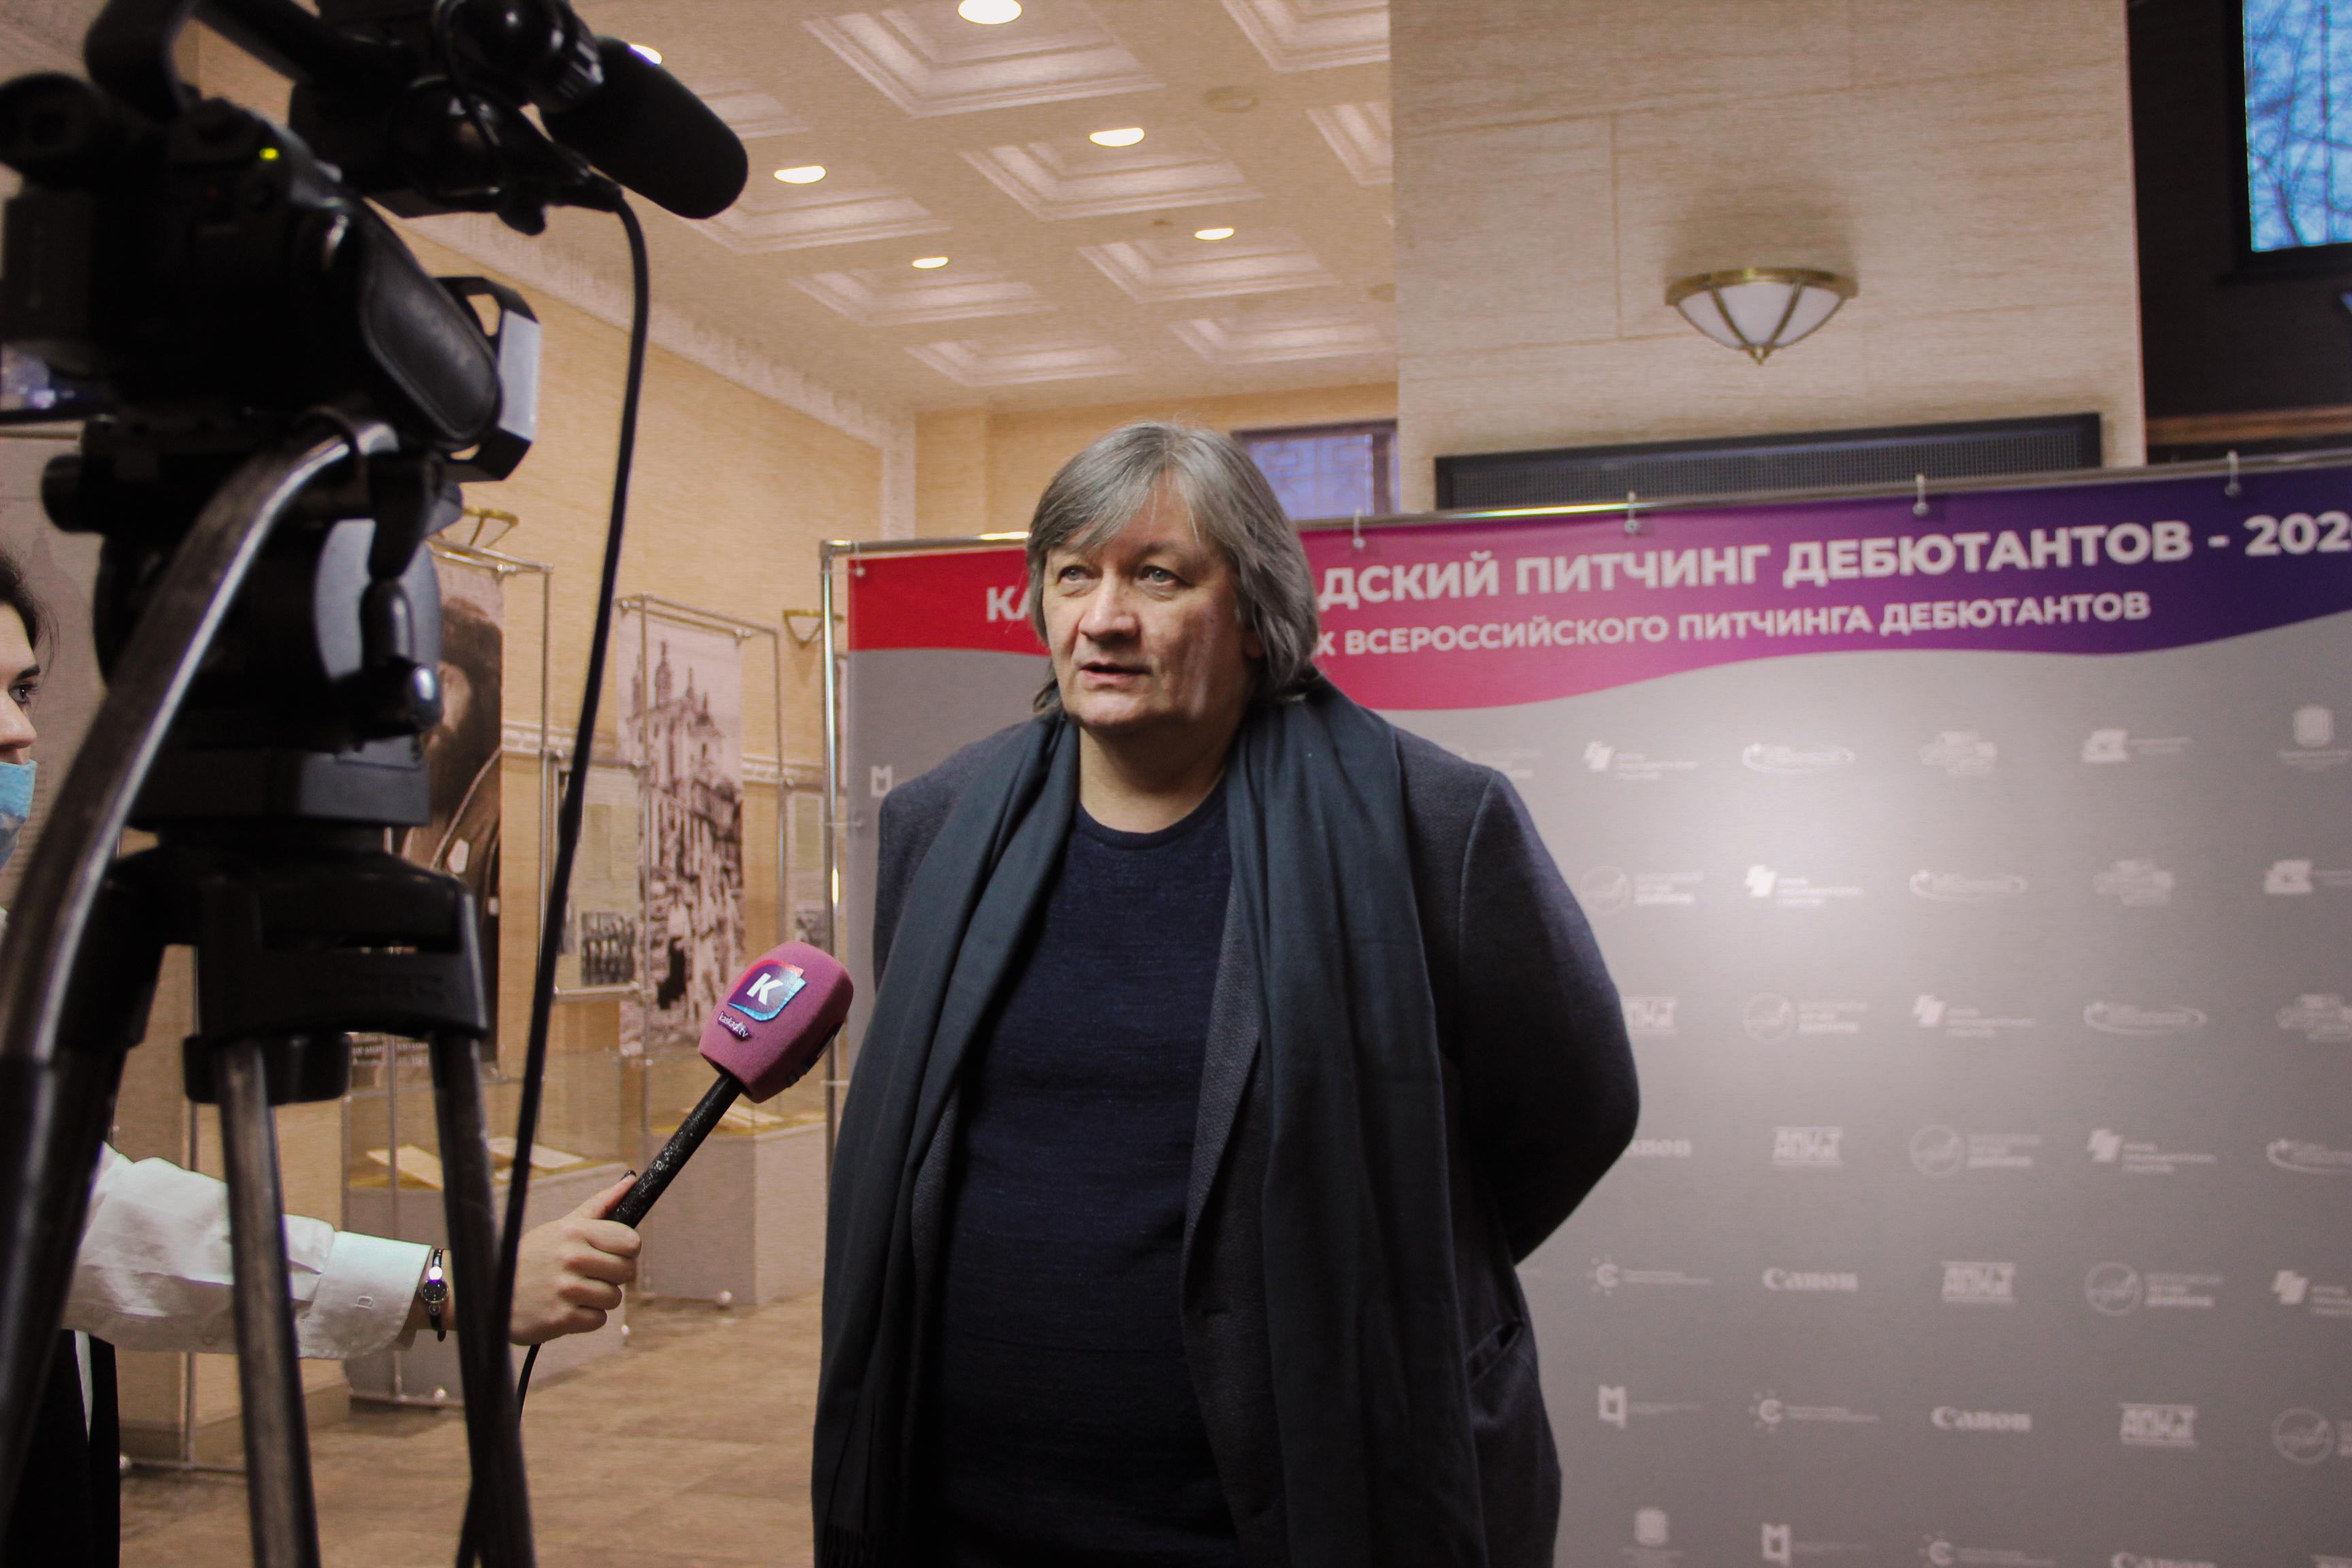 Настоящее и будущее кино: Как прошло открытие Калининградского питчинга дебютантов-2020